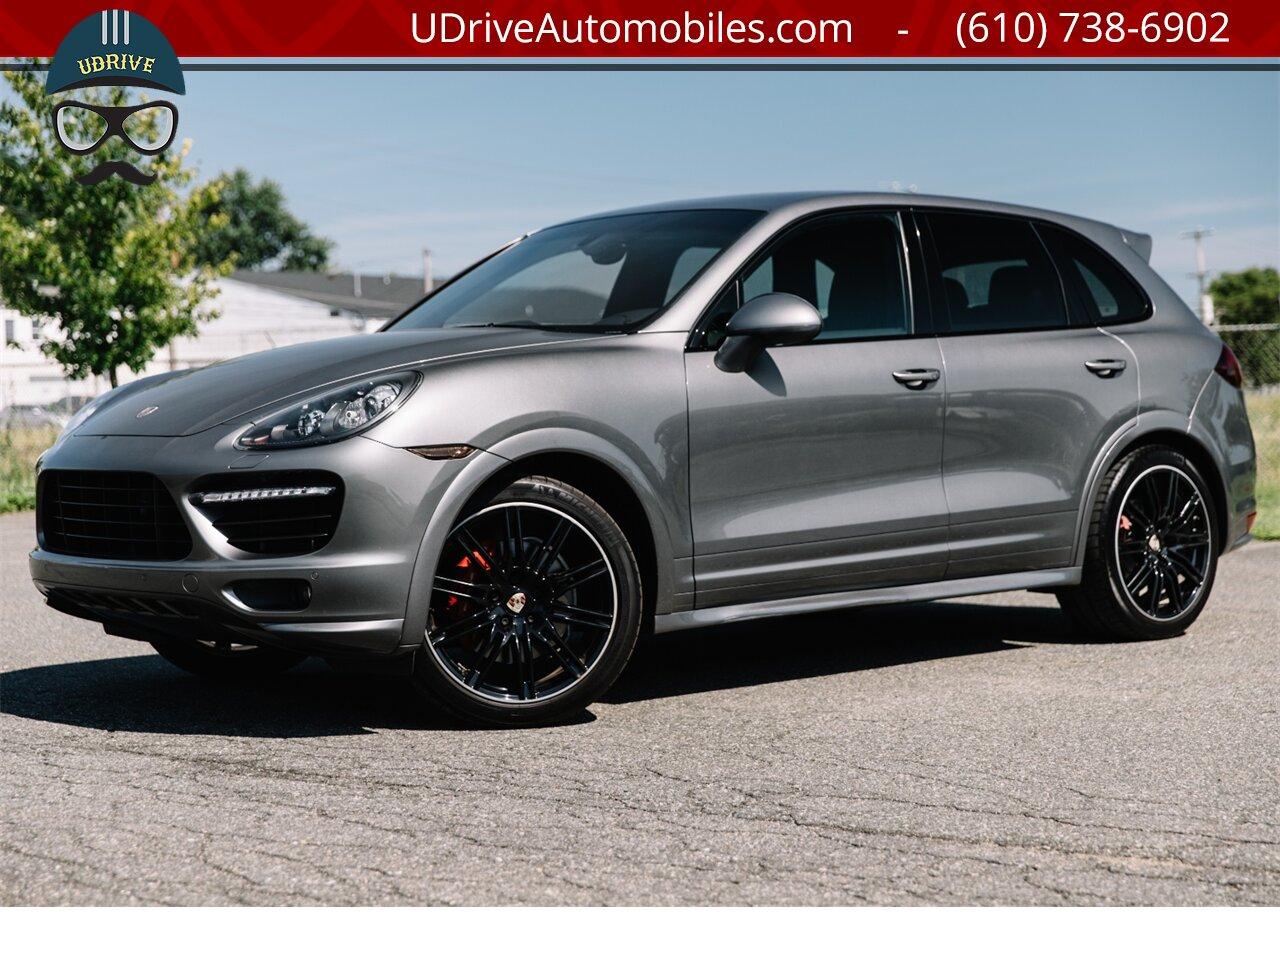 2013 Porsche Cayenne Gts Rare Color Meteor Grey 21in Wheels Alcantara Ptc Lca Bose